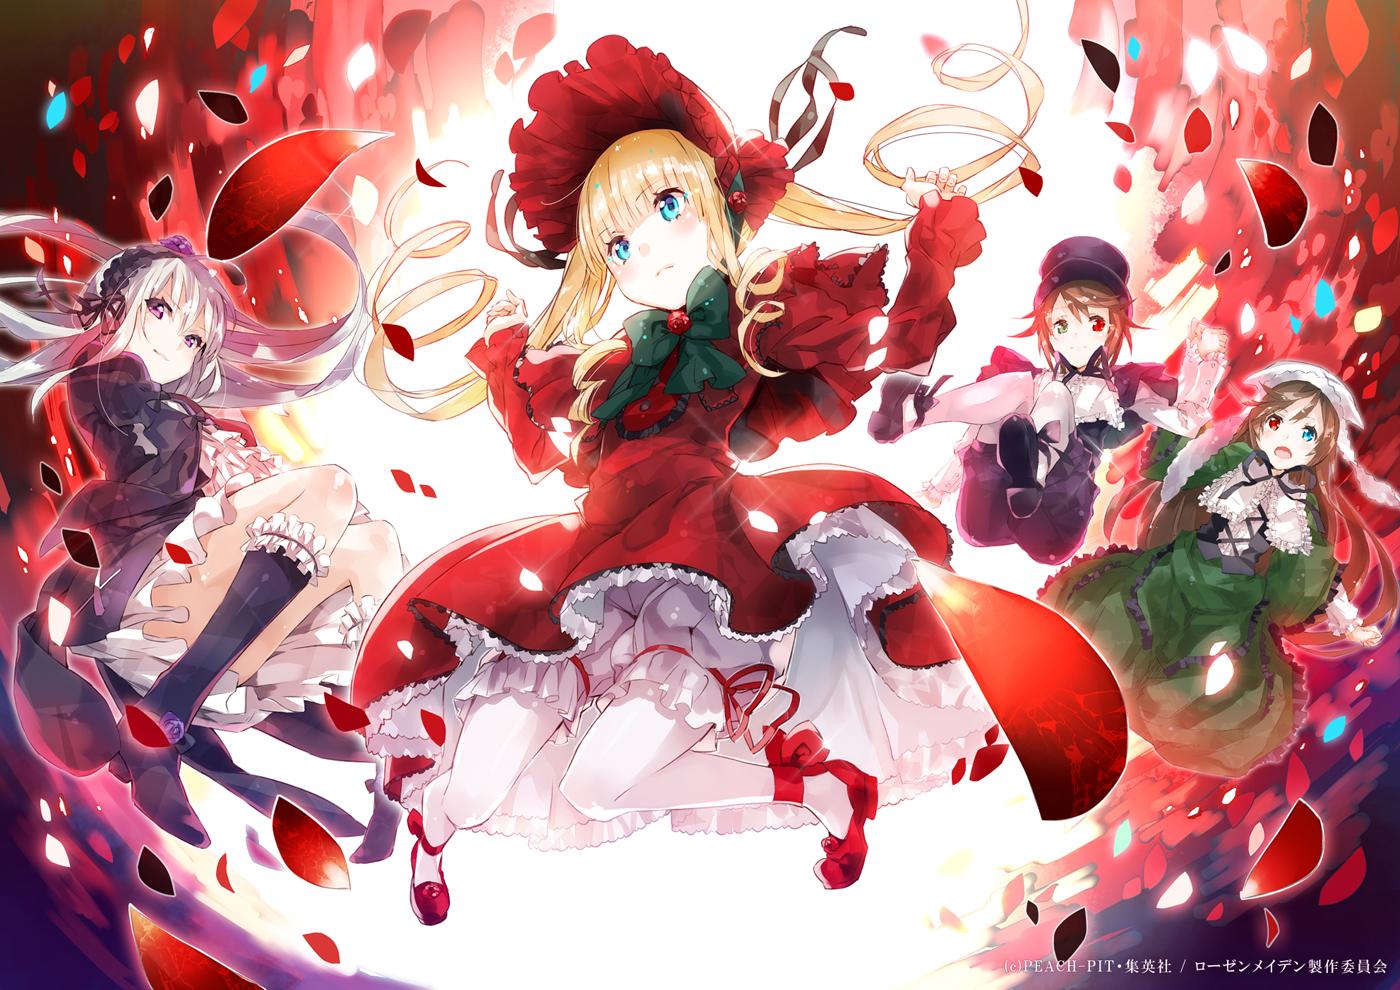 《幻想全明星》你会选择哪位蔷薇少女参加爱丽丝游戏?